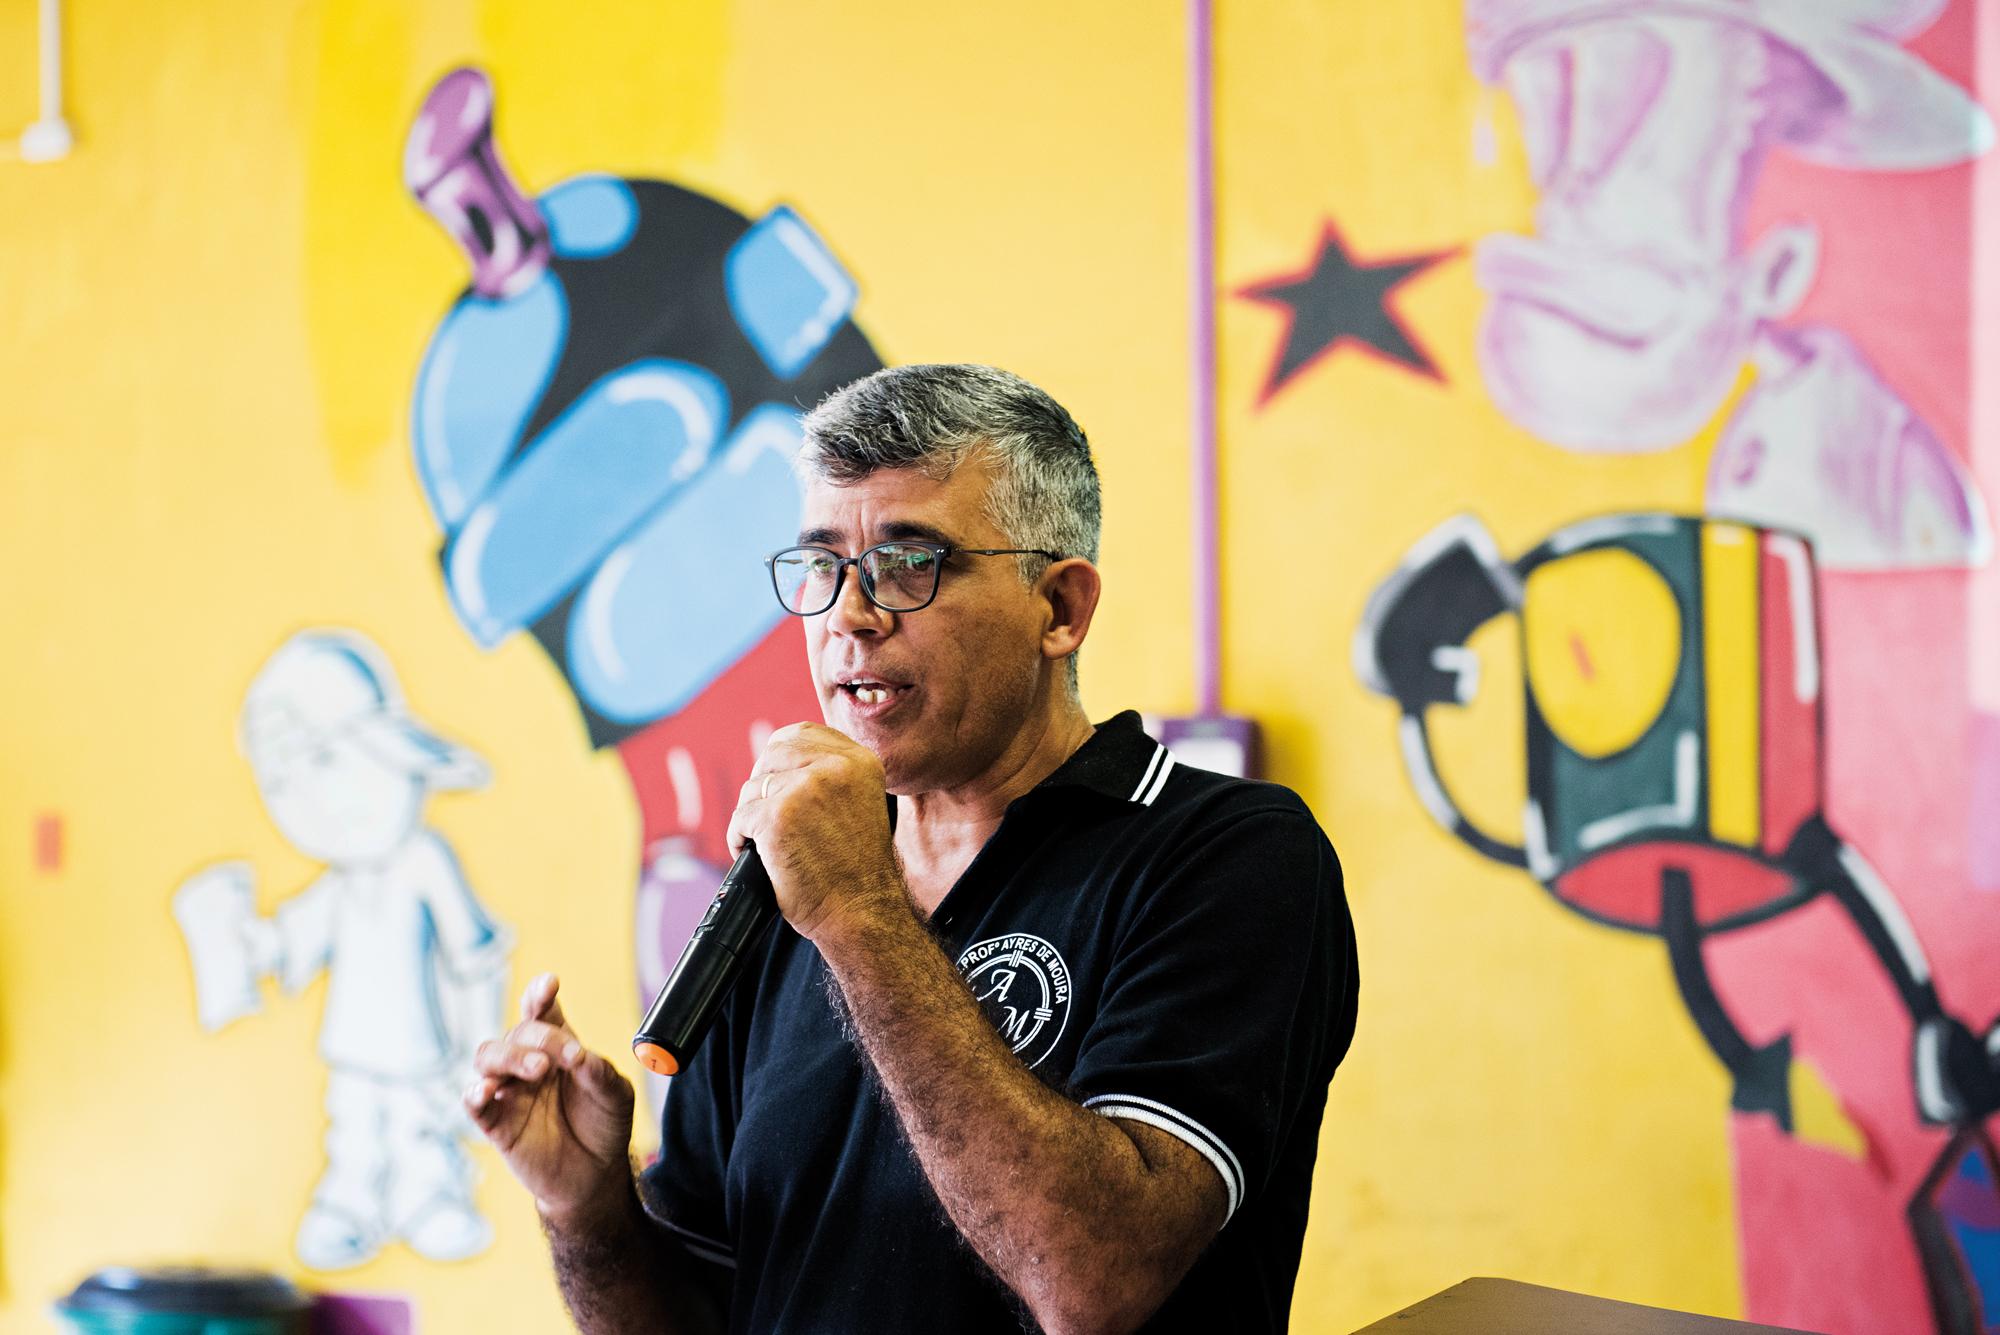 O diretor Daniel Quaresma, que fez mestrado profissional voltado à gestão na PUC/SP | Foto: Gustavo Morita